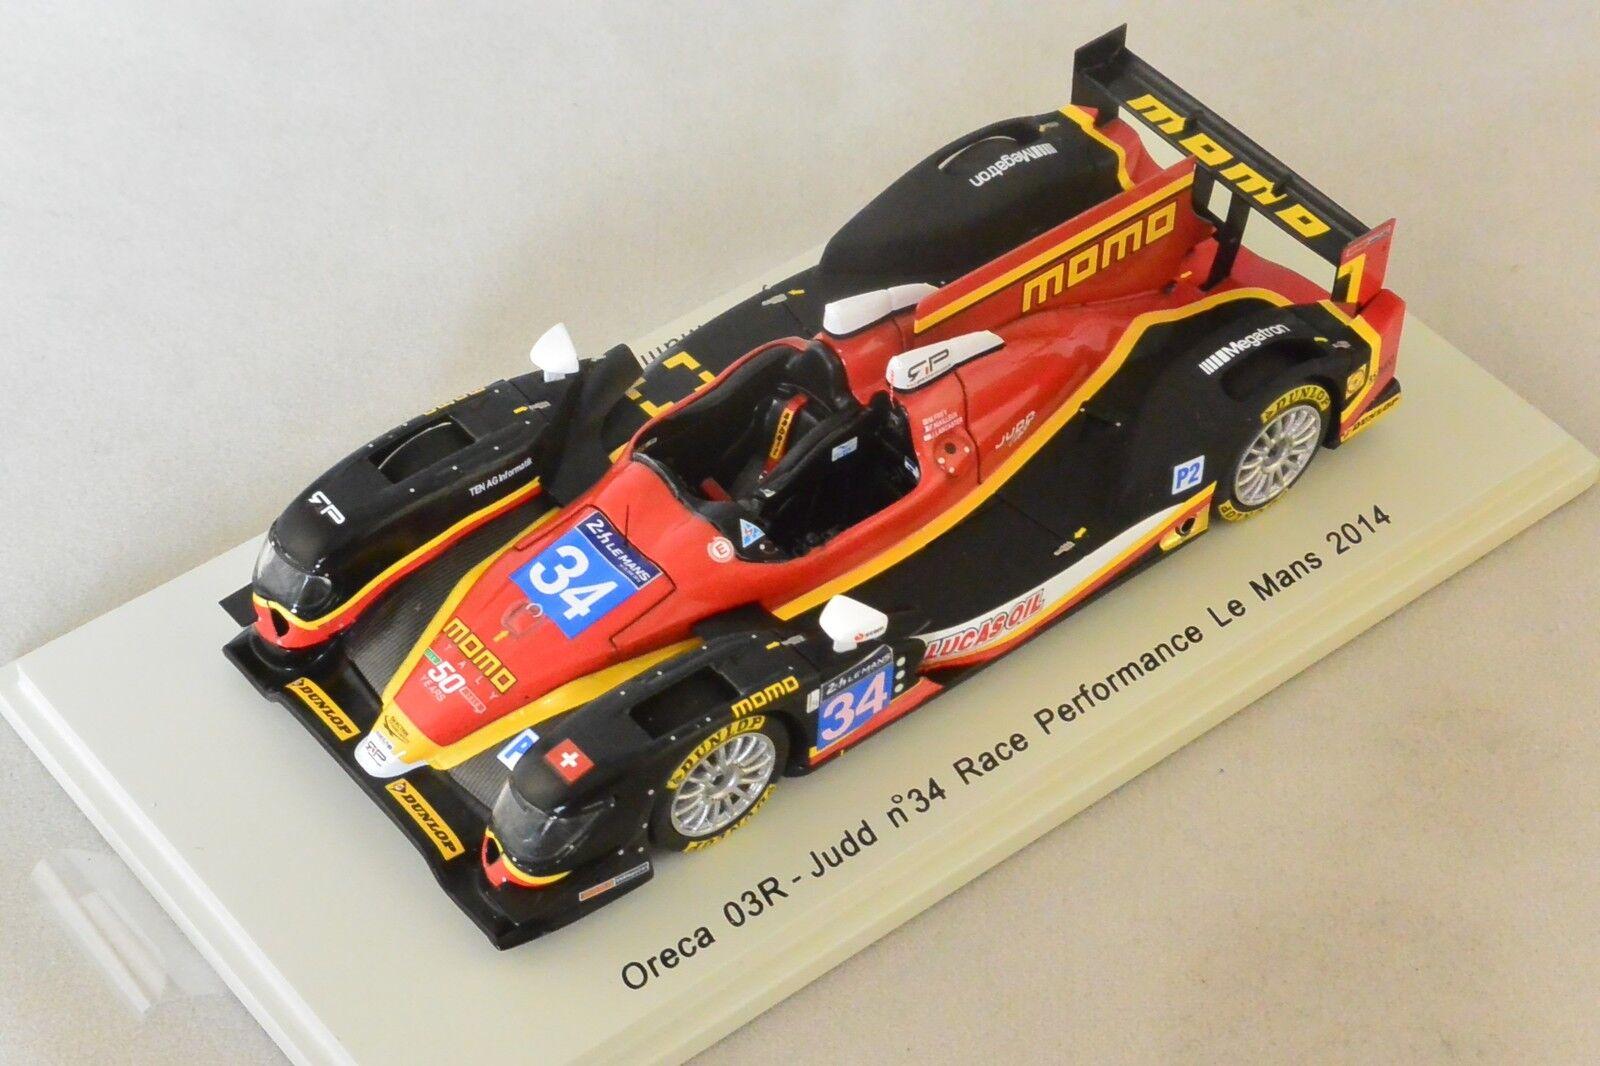 Spark S4215 - ORECA 03R Judd Race Perf. n°34 13ème Le Mans 2014 Frey - 1 43